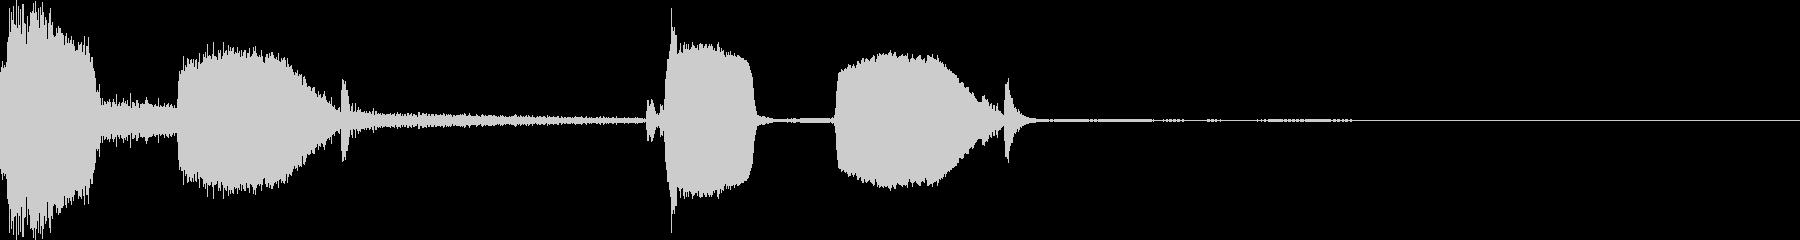 時間経過 チクタク 鳩時計 カッコウの未再生の波形